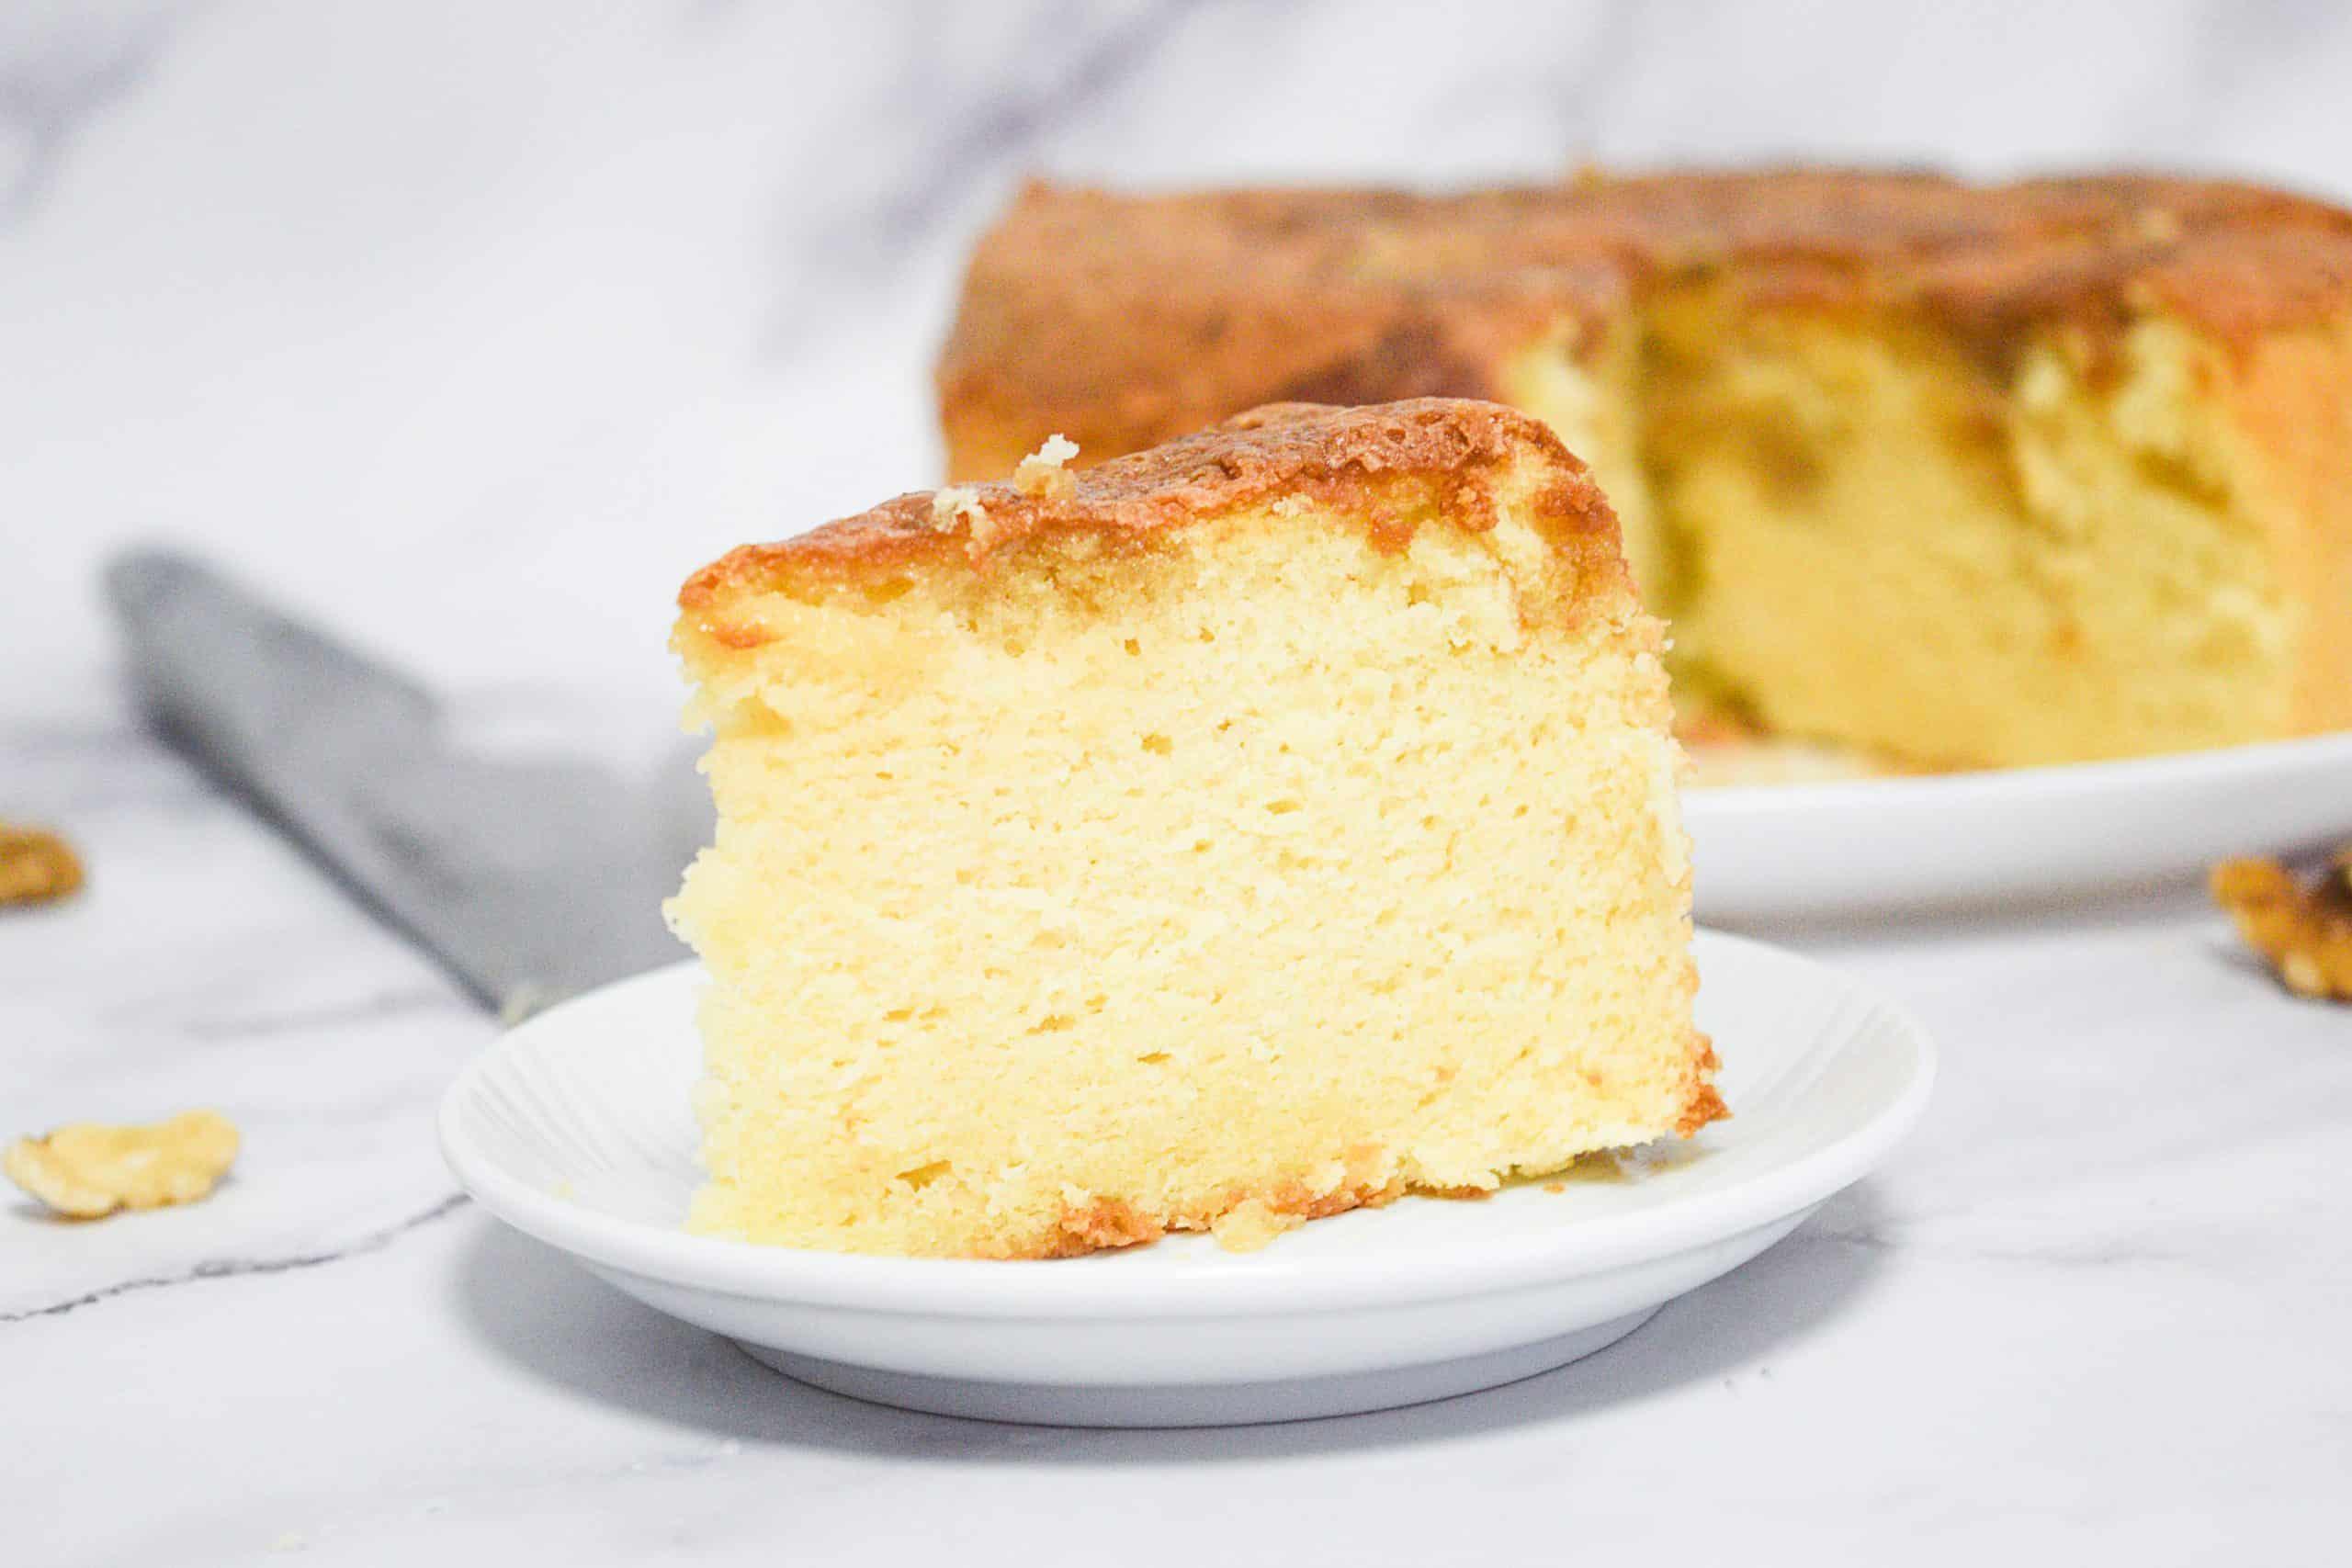 עוגת מייפל ושקדים   צילום: ספיר דהן